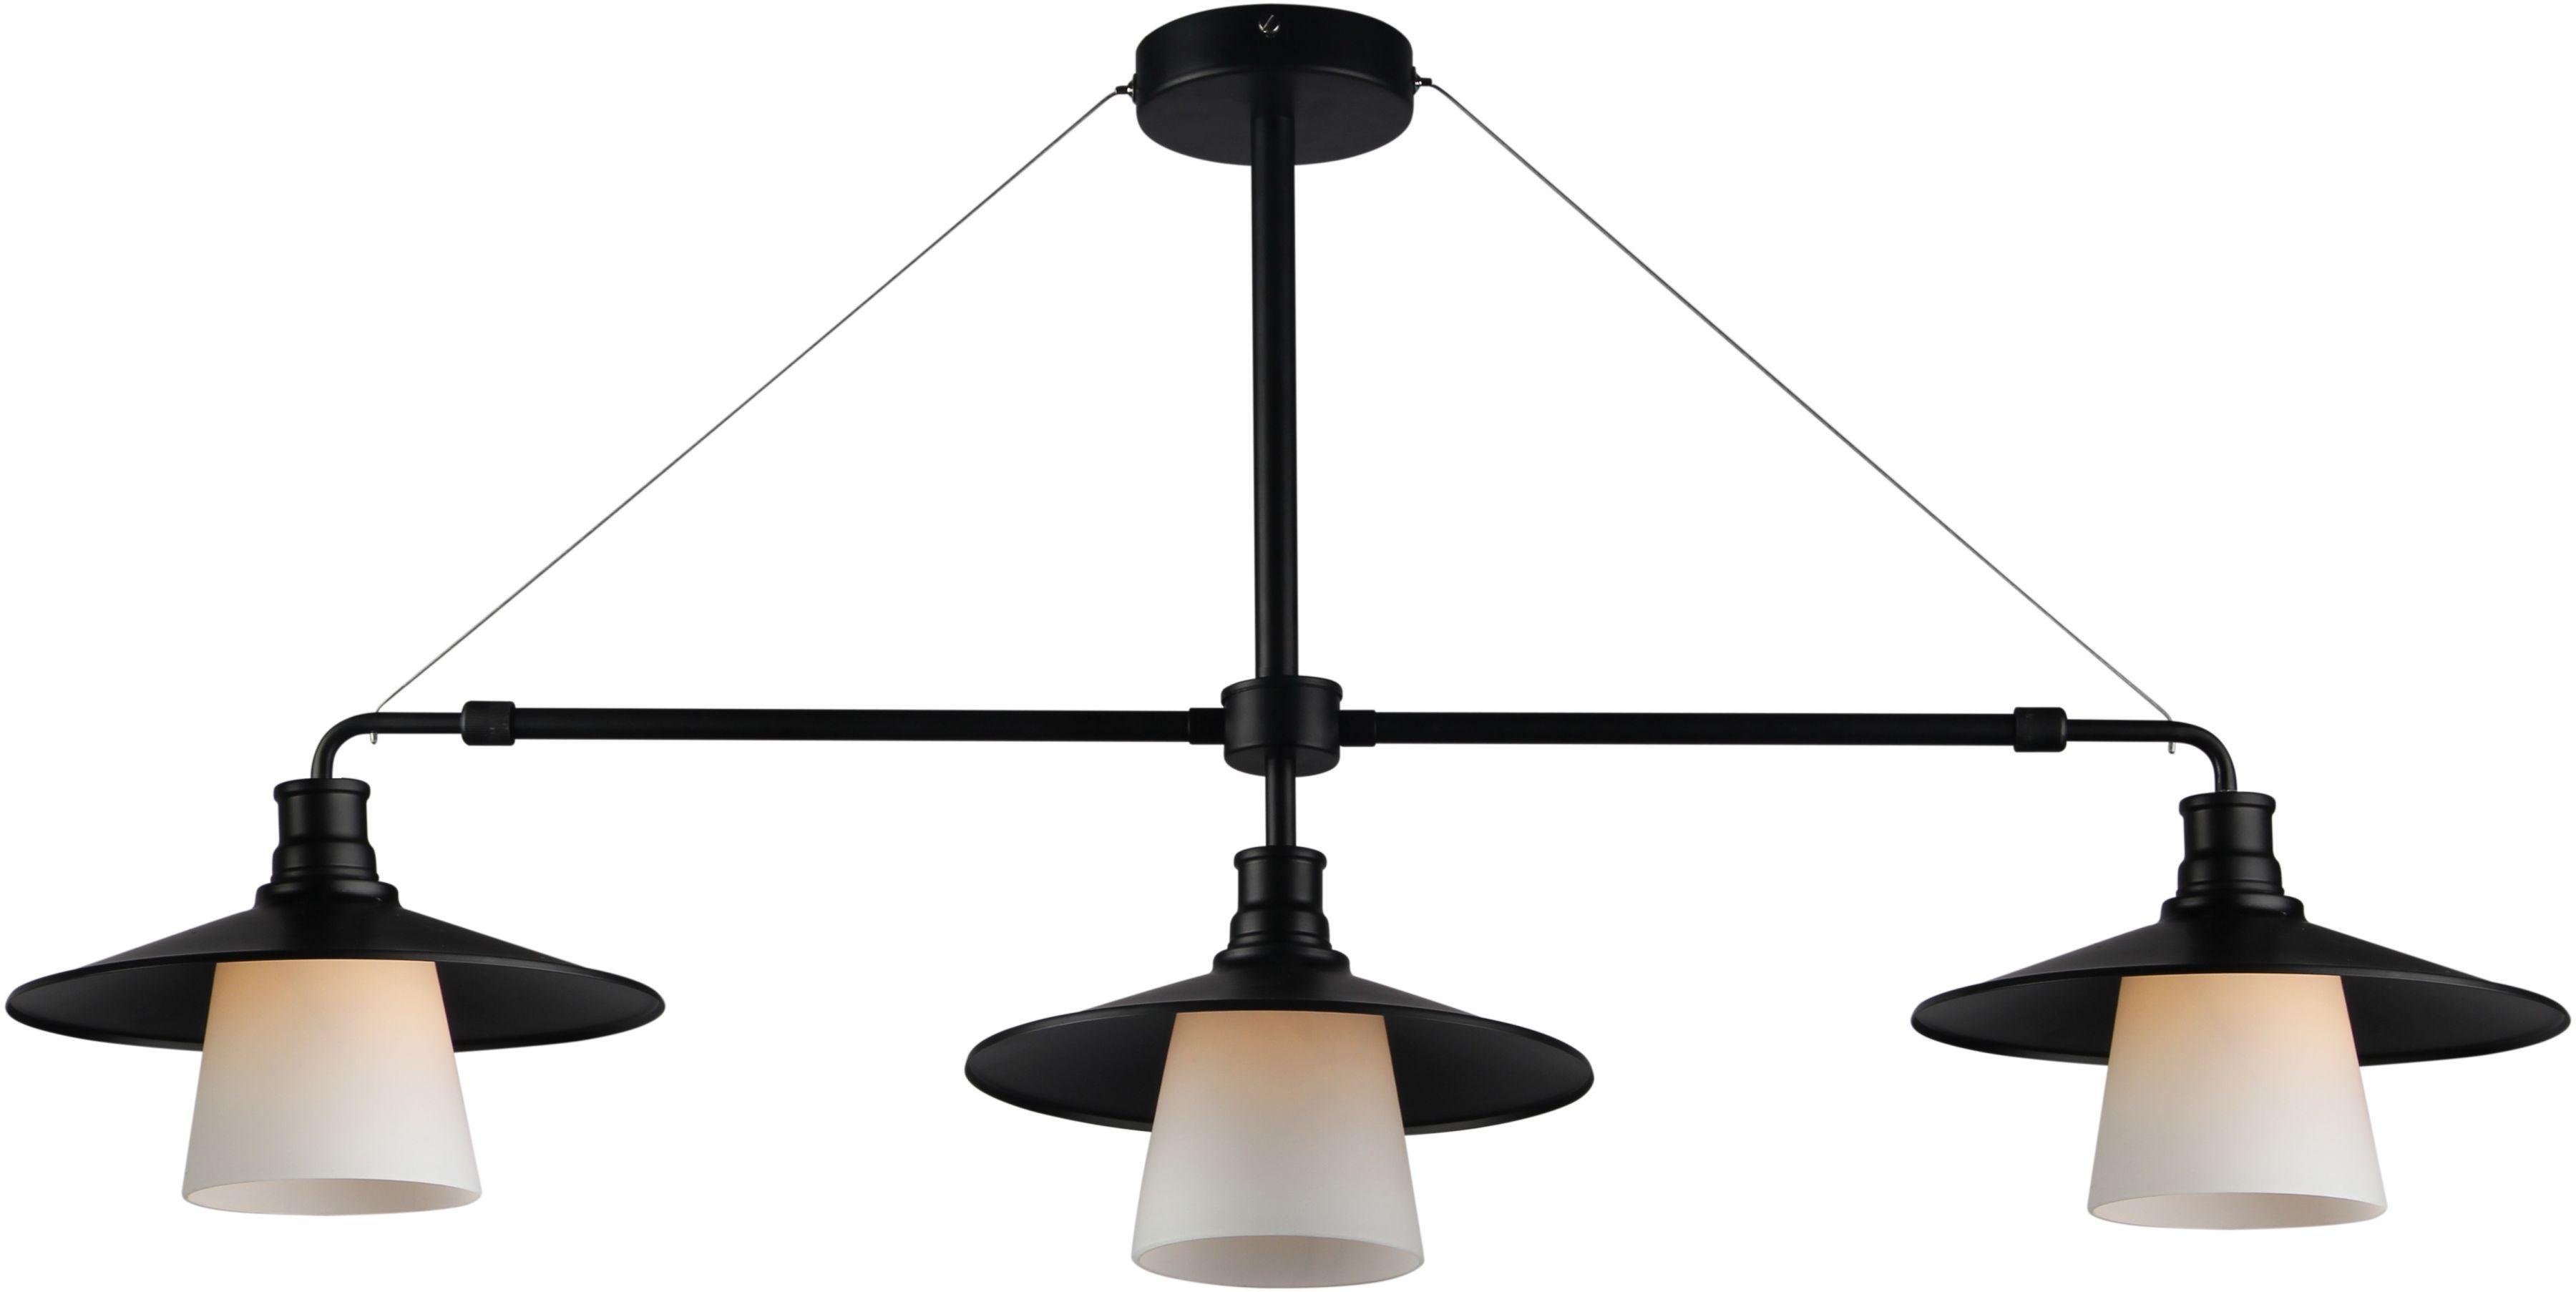 Loft lampa wisząca 3-punktowa 33-43115